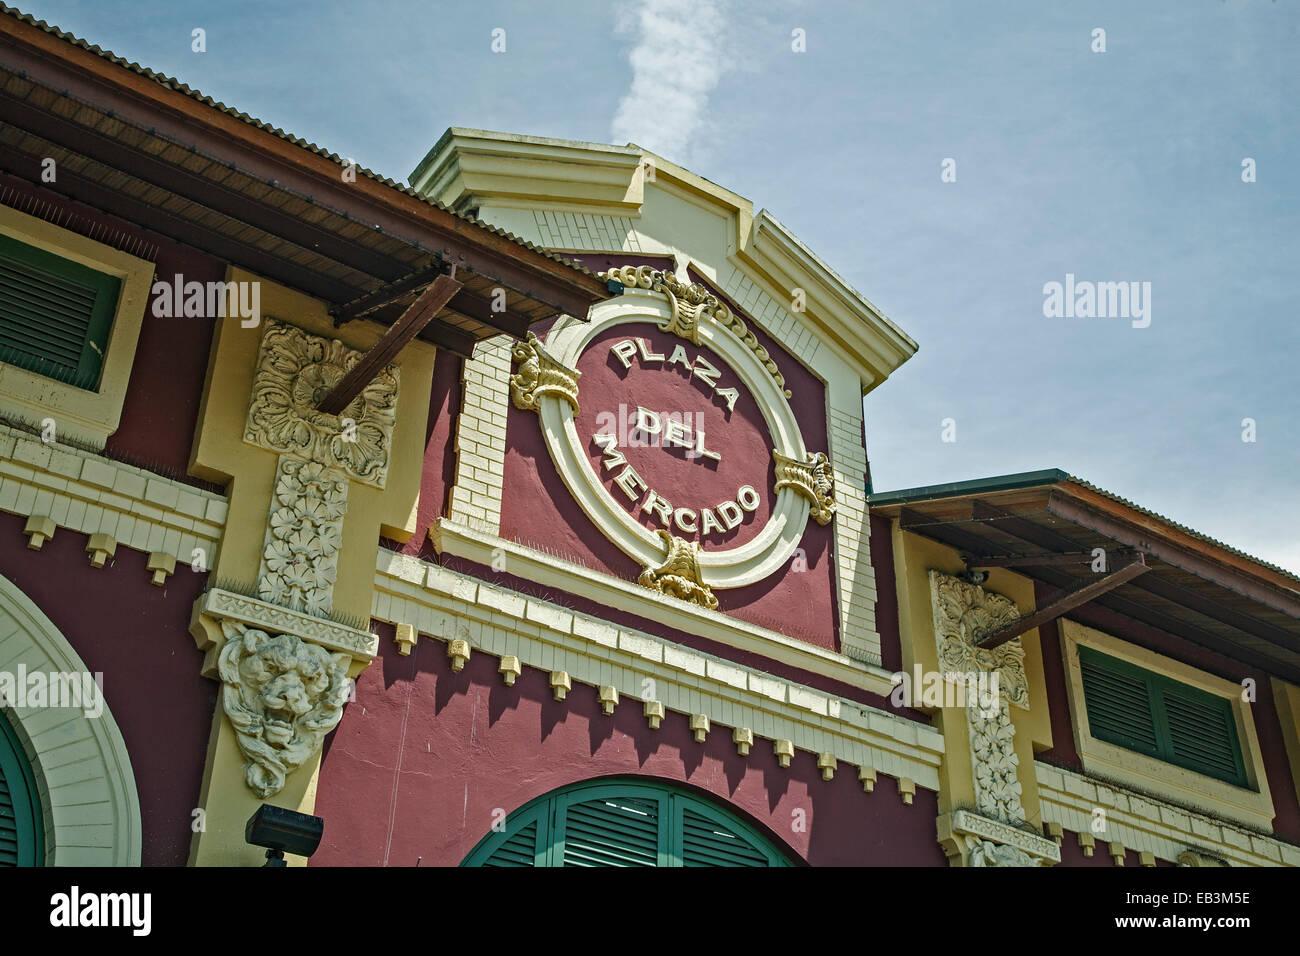 Entrance, Plaza del Mercado, Santurce, Puerto Rico - Stock Image